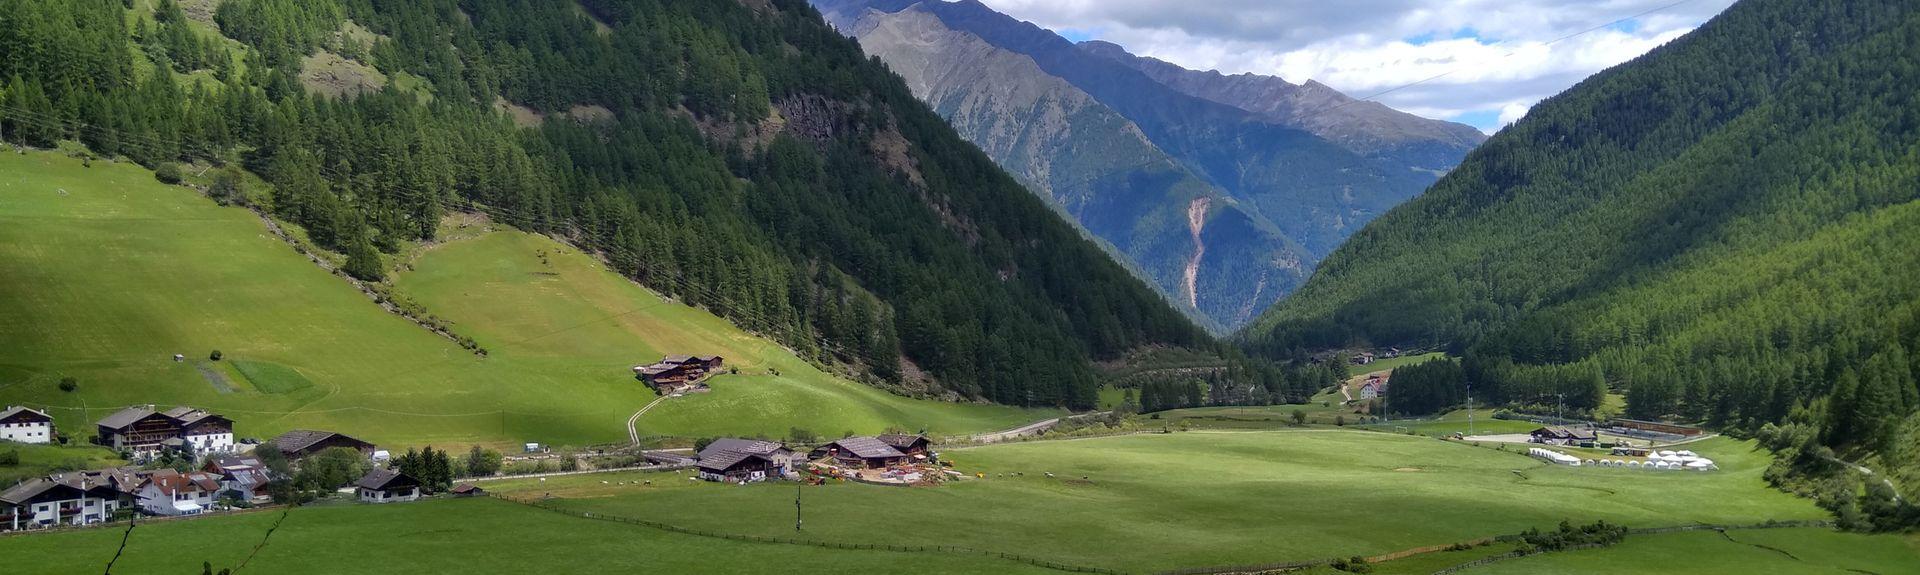 Stazione di Laces (Latsch), Laces, Trentino-Alto Adige, Italia